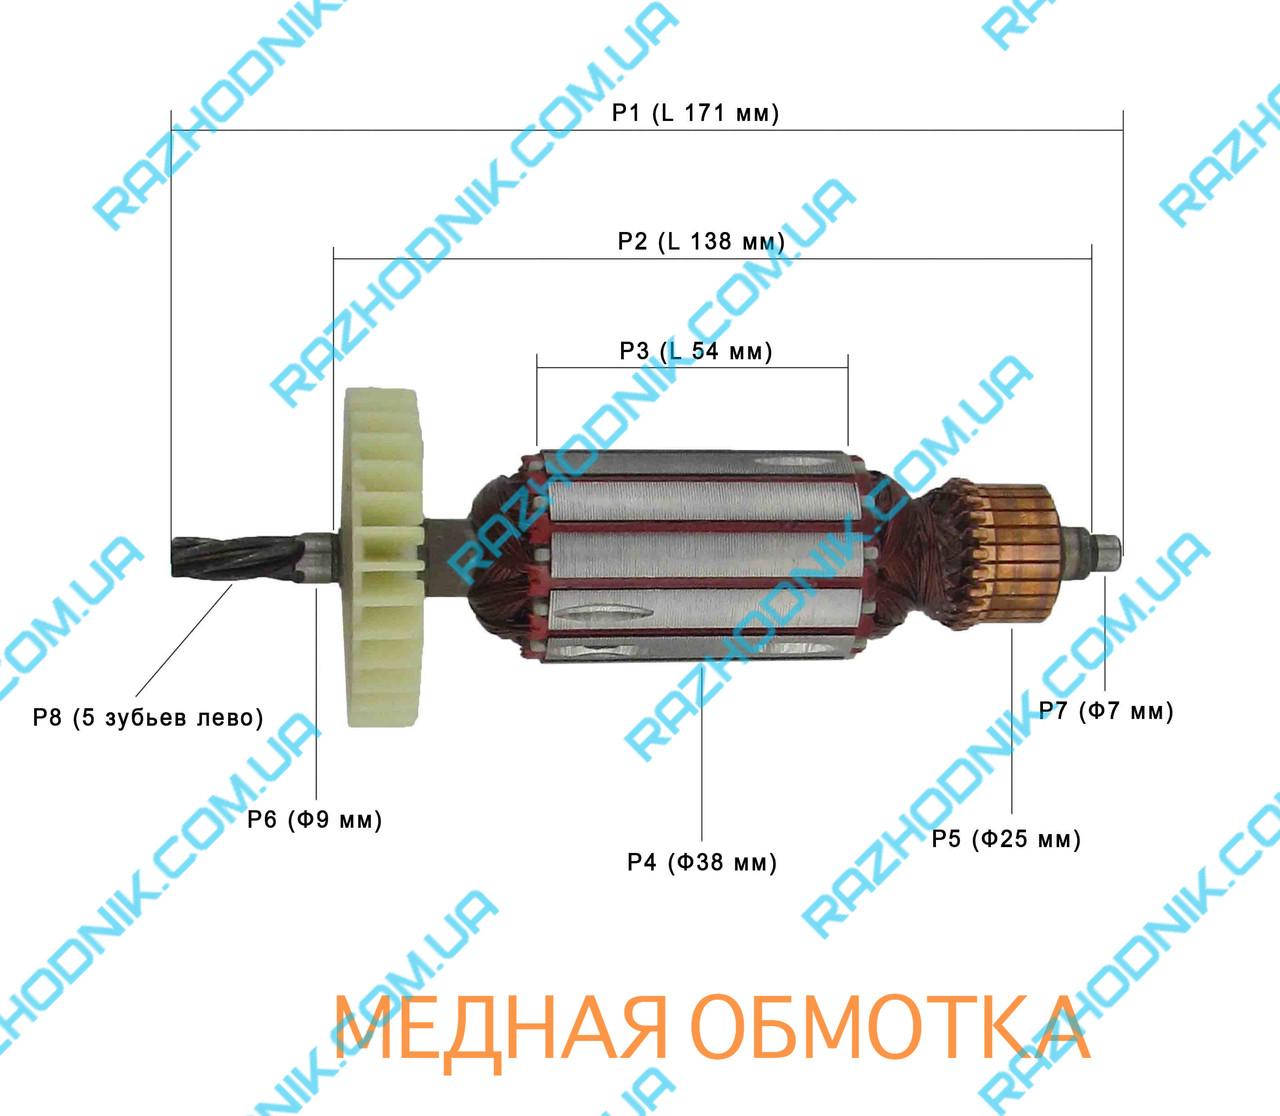 Якір на дриль ТЕМП ДЕУ-1200 (171x38x5z-ліво)